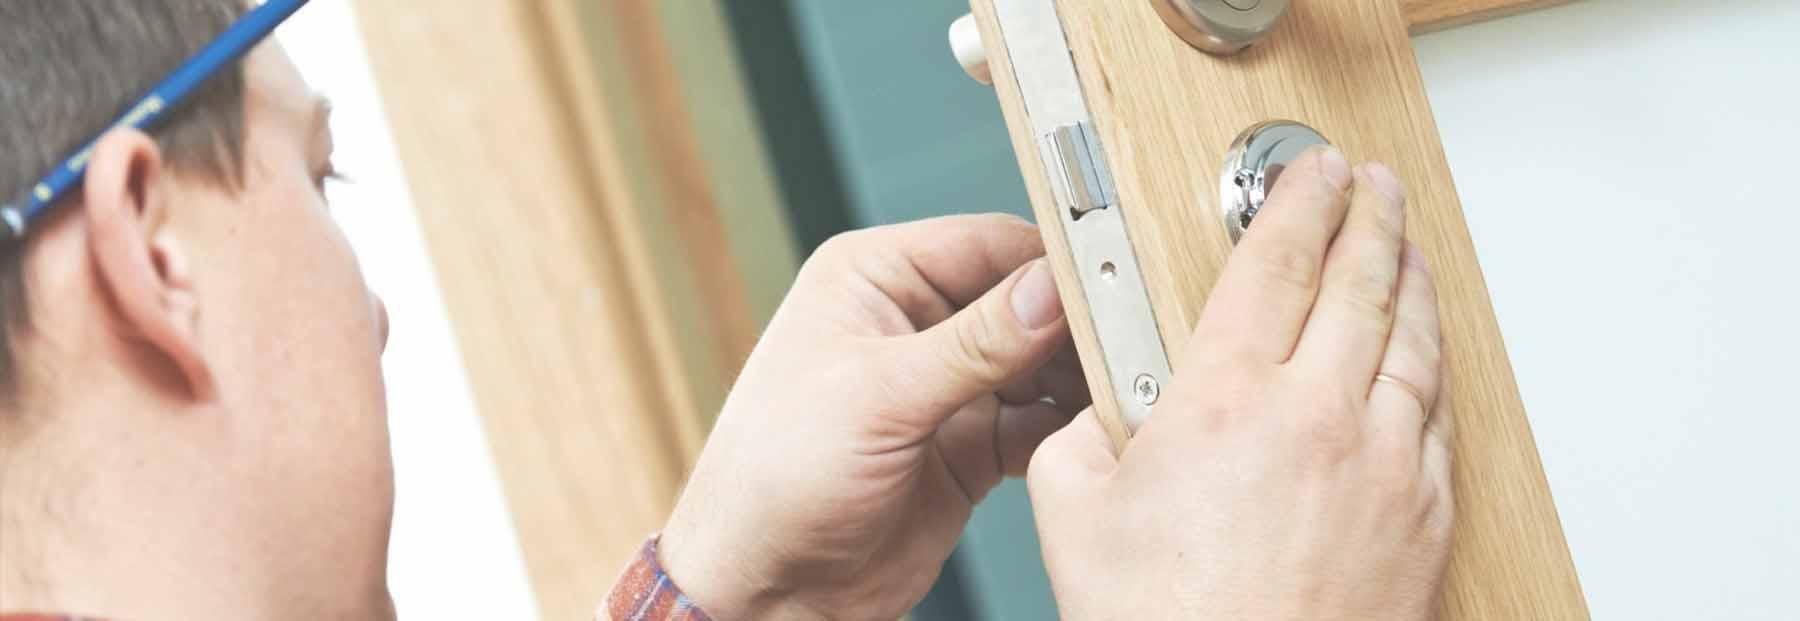 trabajo de cerrajería, arreglo puertas